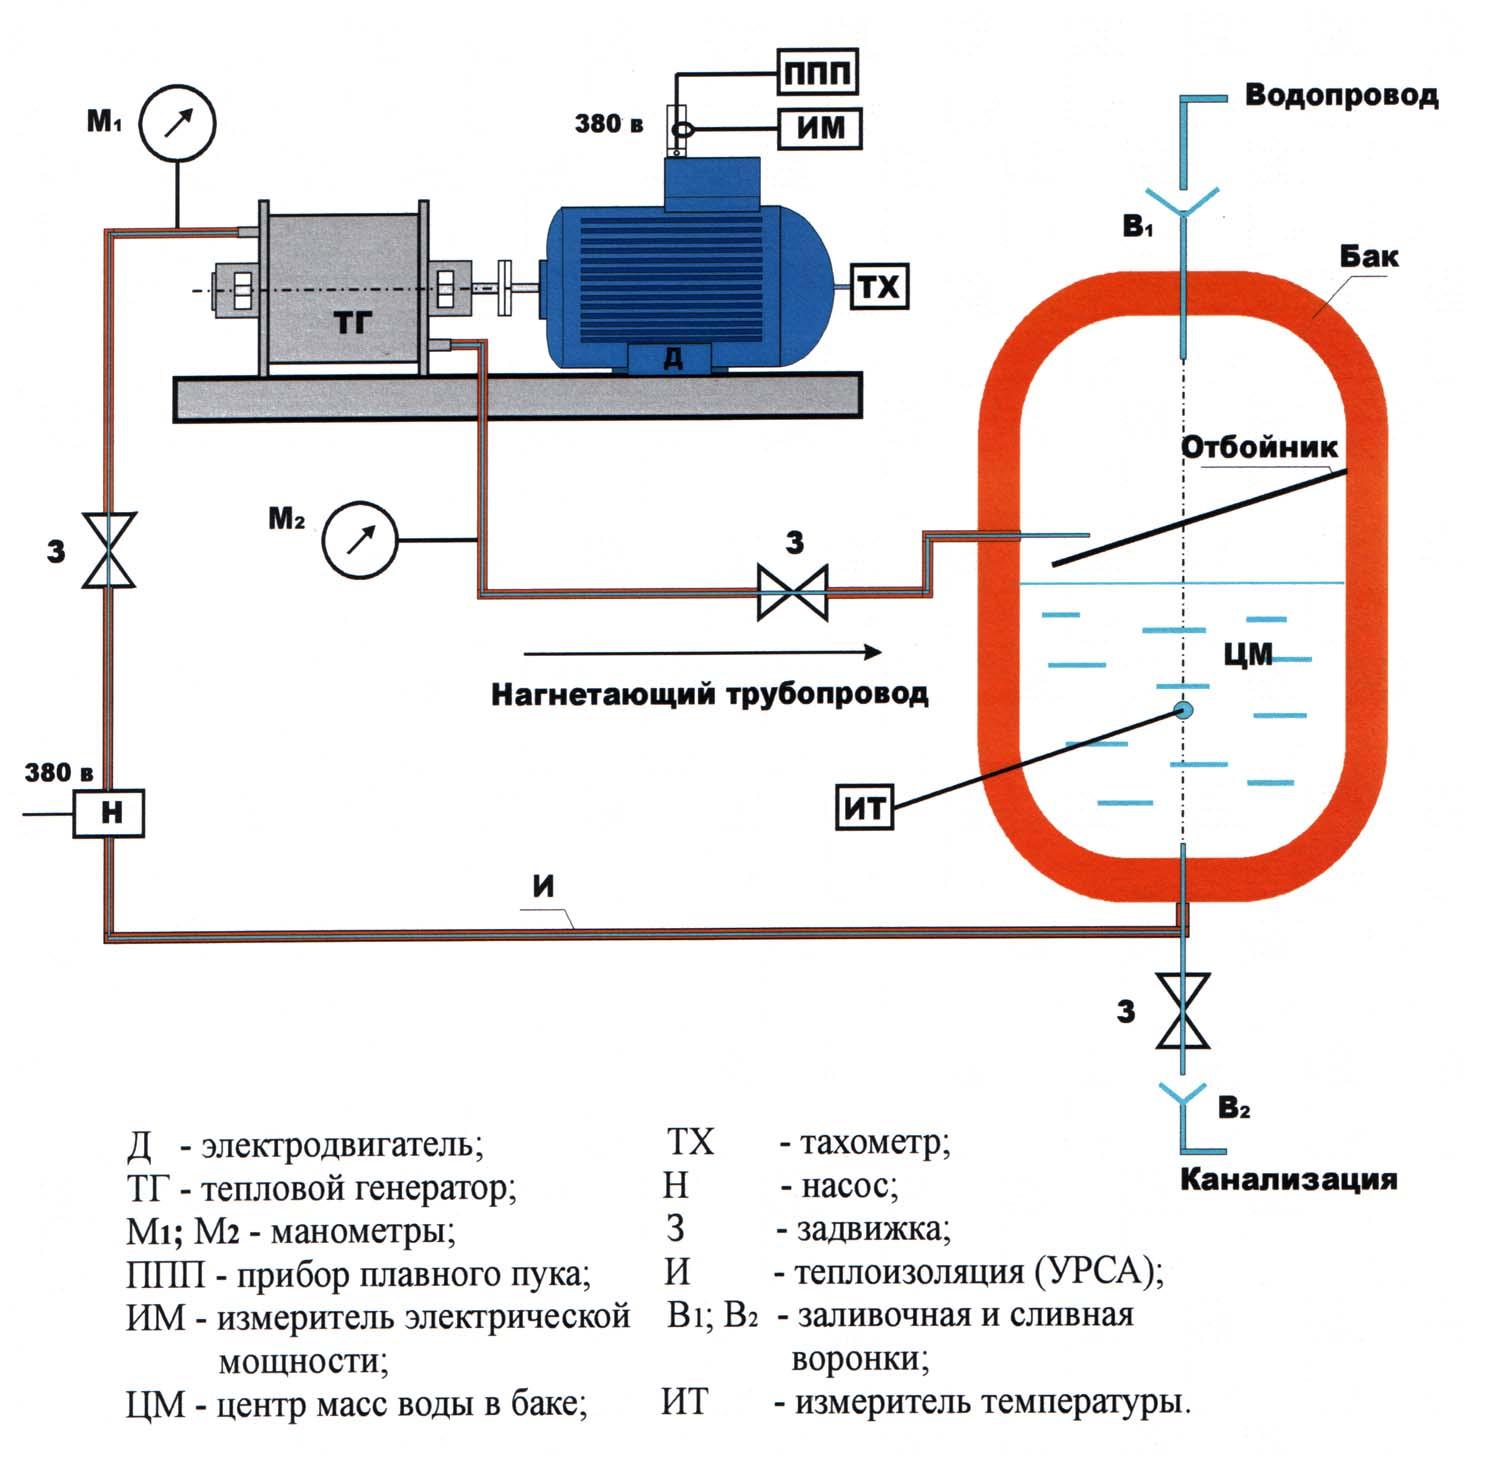 Рис.2. Схема испытательного стенда.